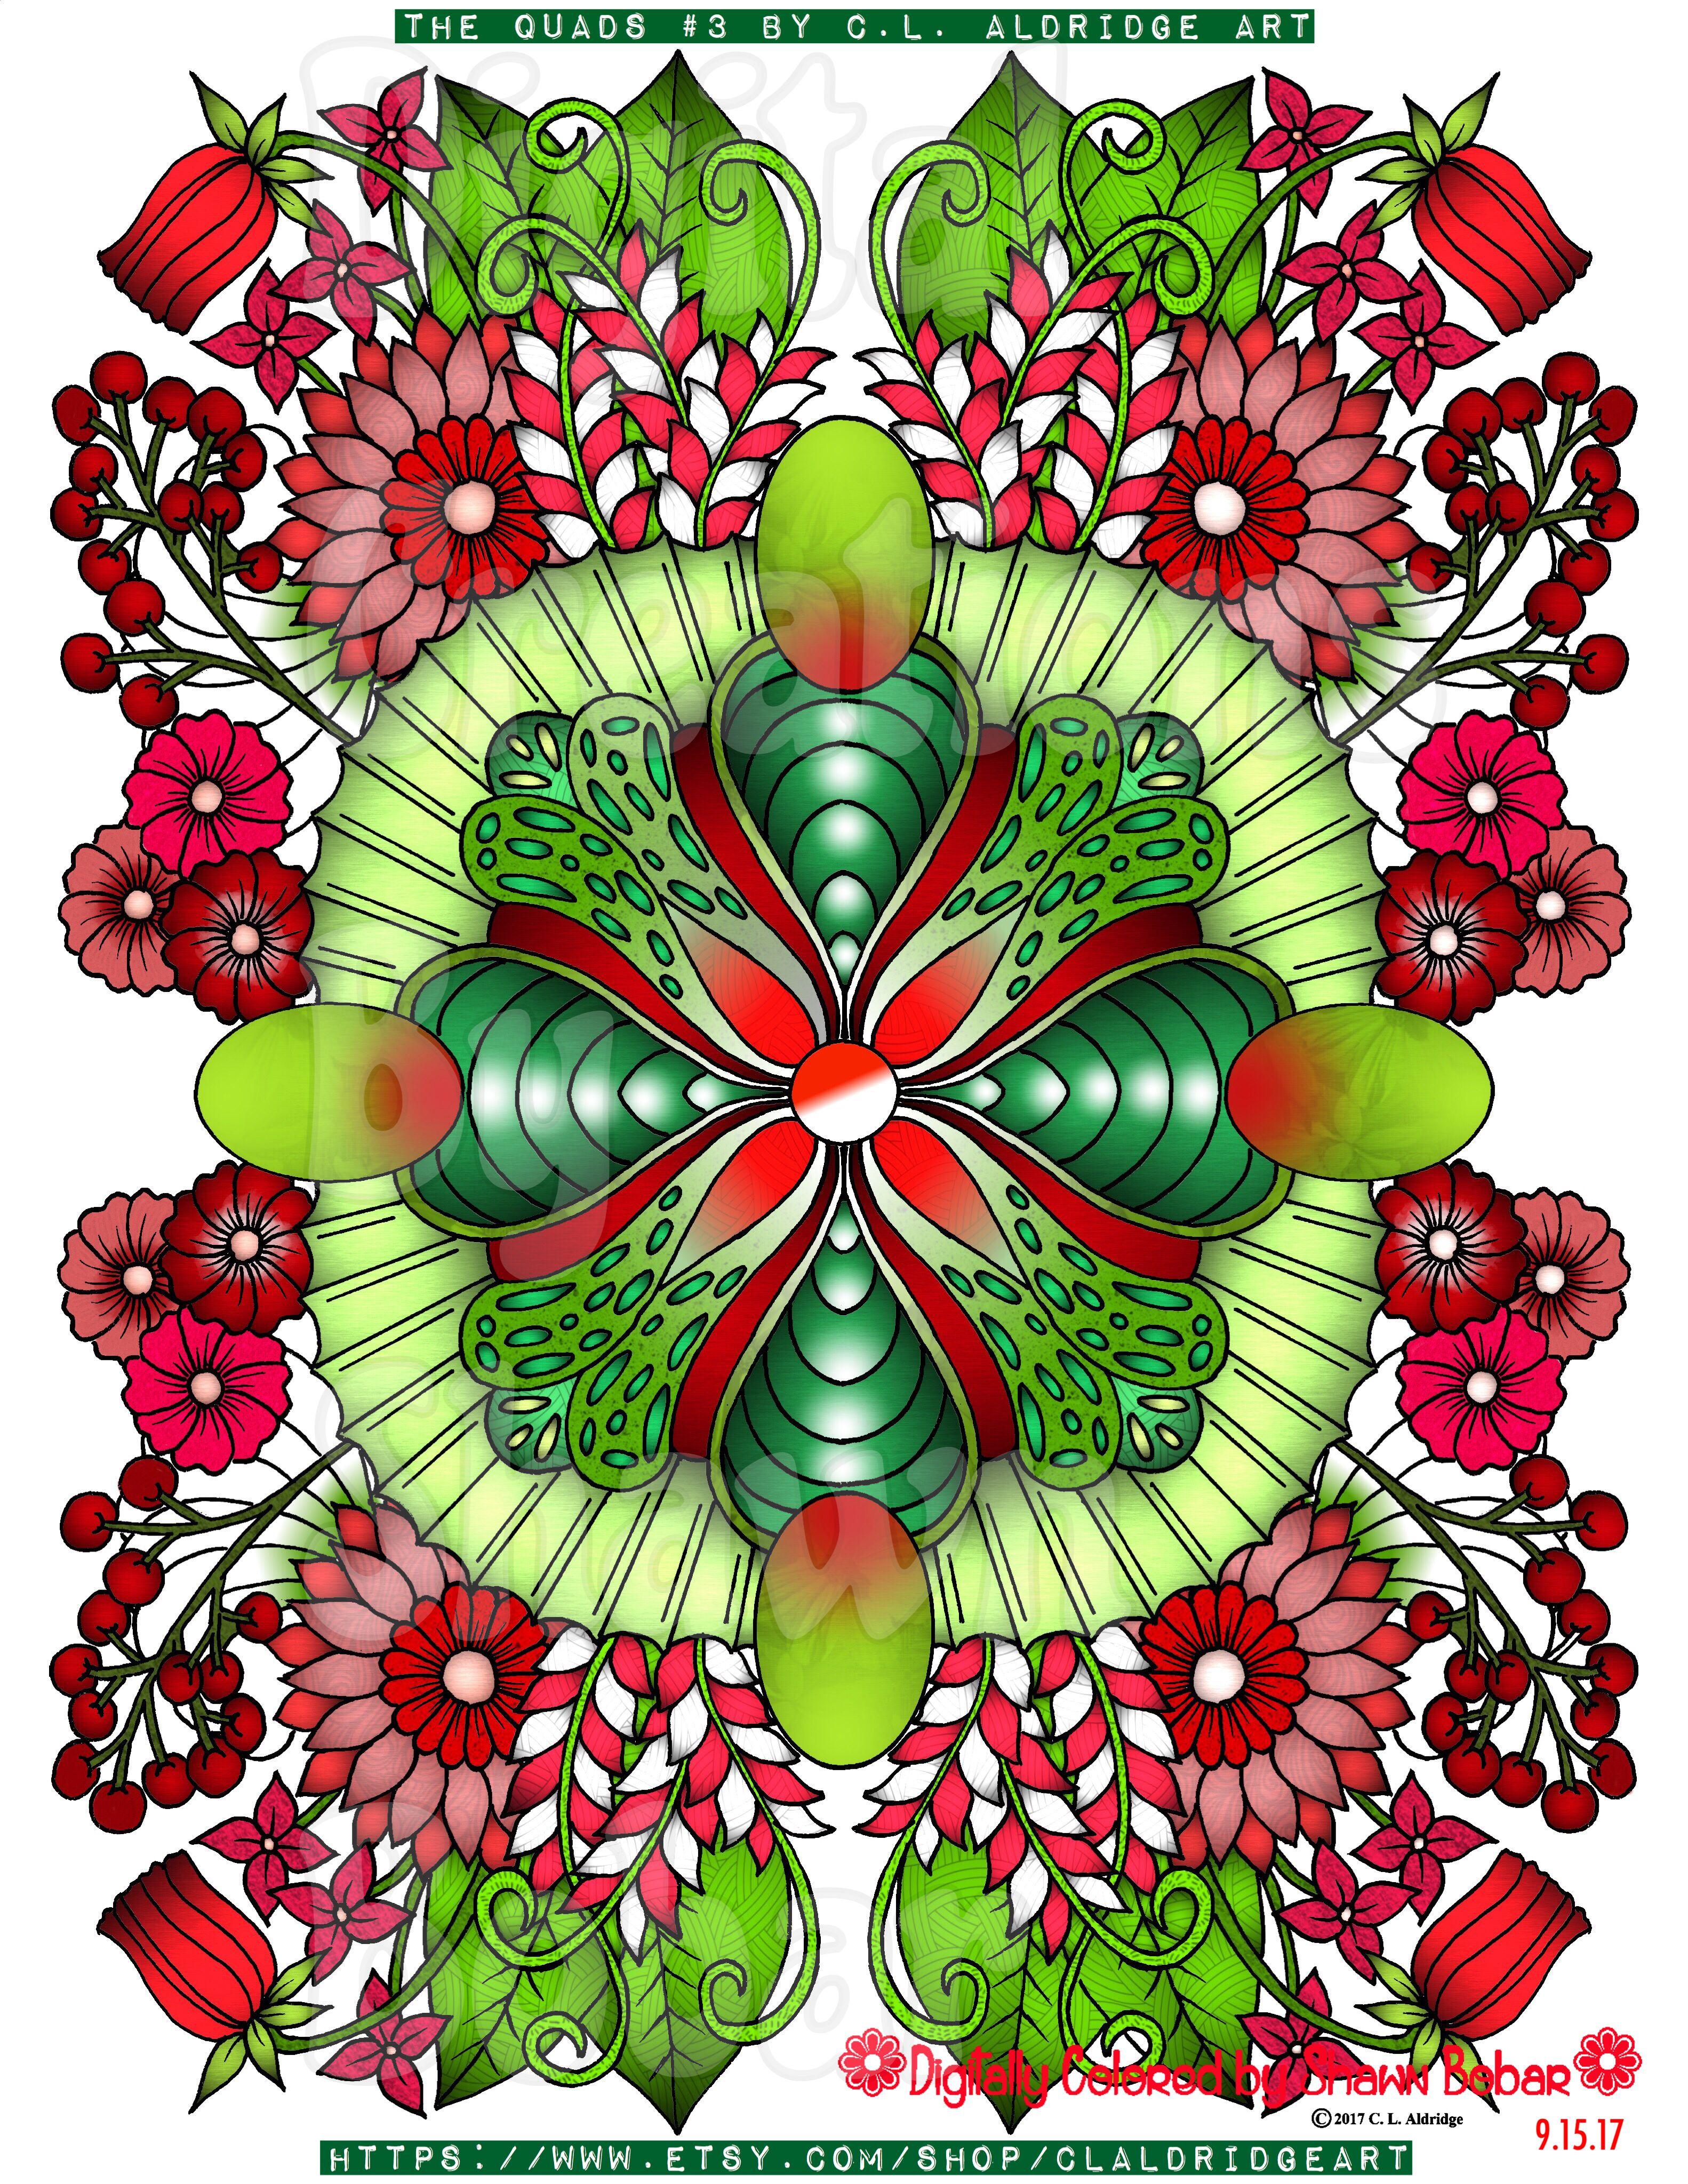 Artist C L Aldridge Art